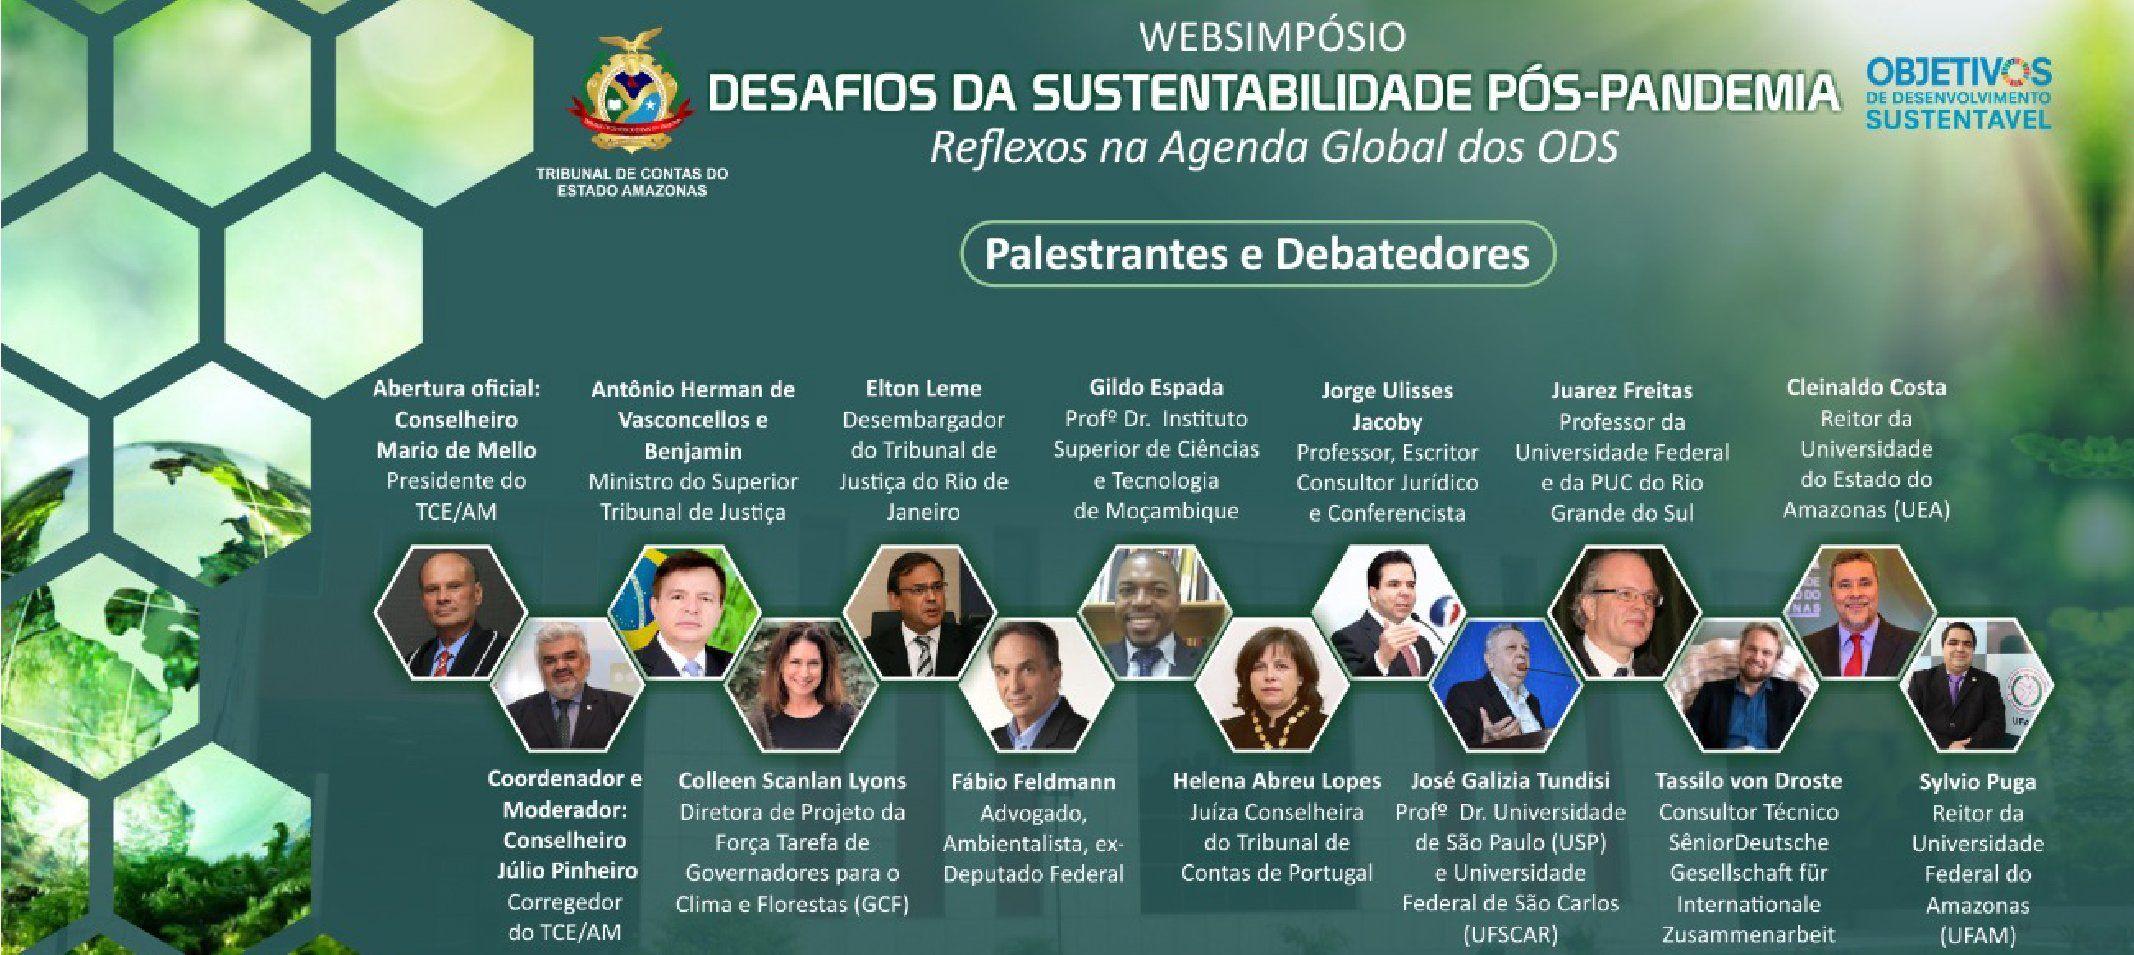 Dia Mundial do Meio Ambiente - Reitor da Ufam participa de websimpósio que discute os desafios da sustentabilidade pós-pandemia dia 5 de junho